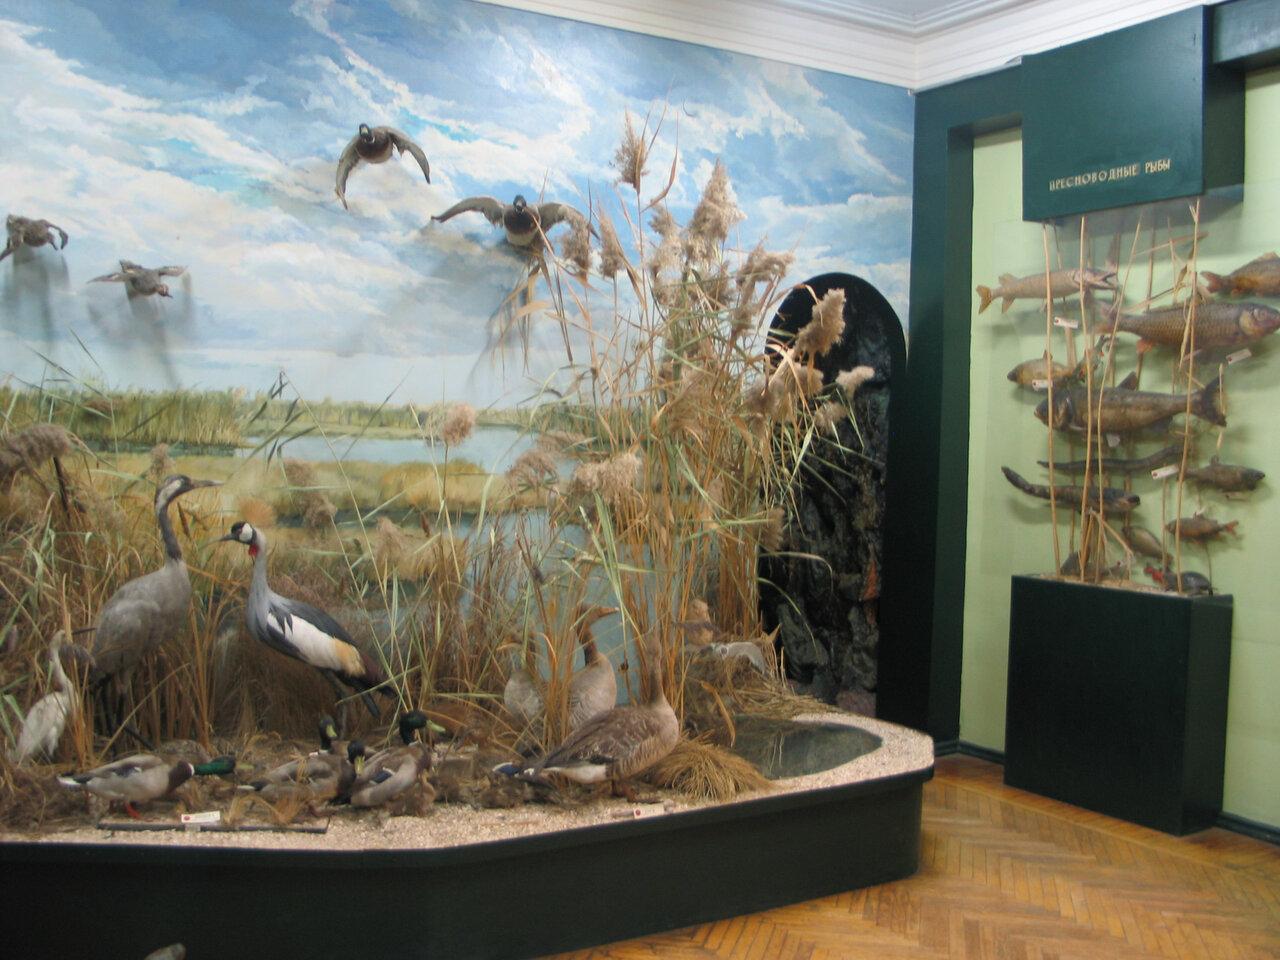 Народный музей природы ст. Ясенской (Ейск)